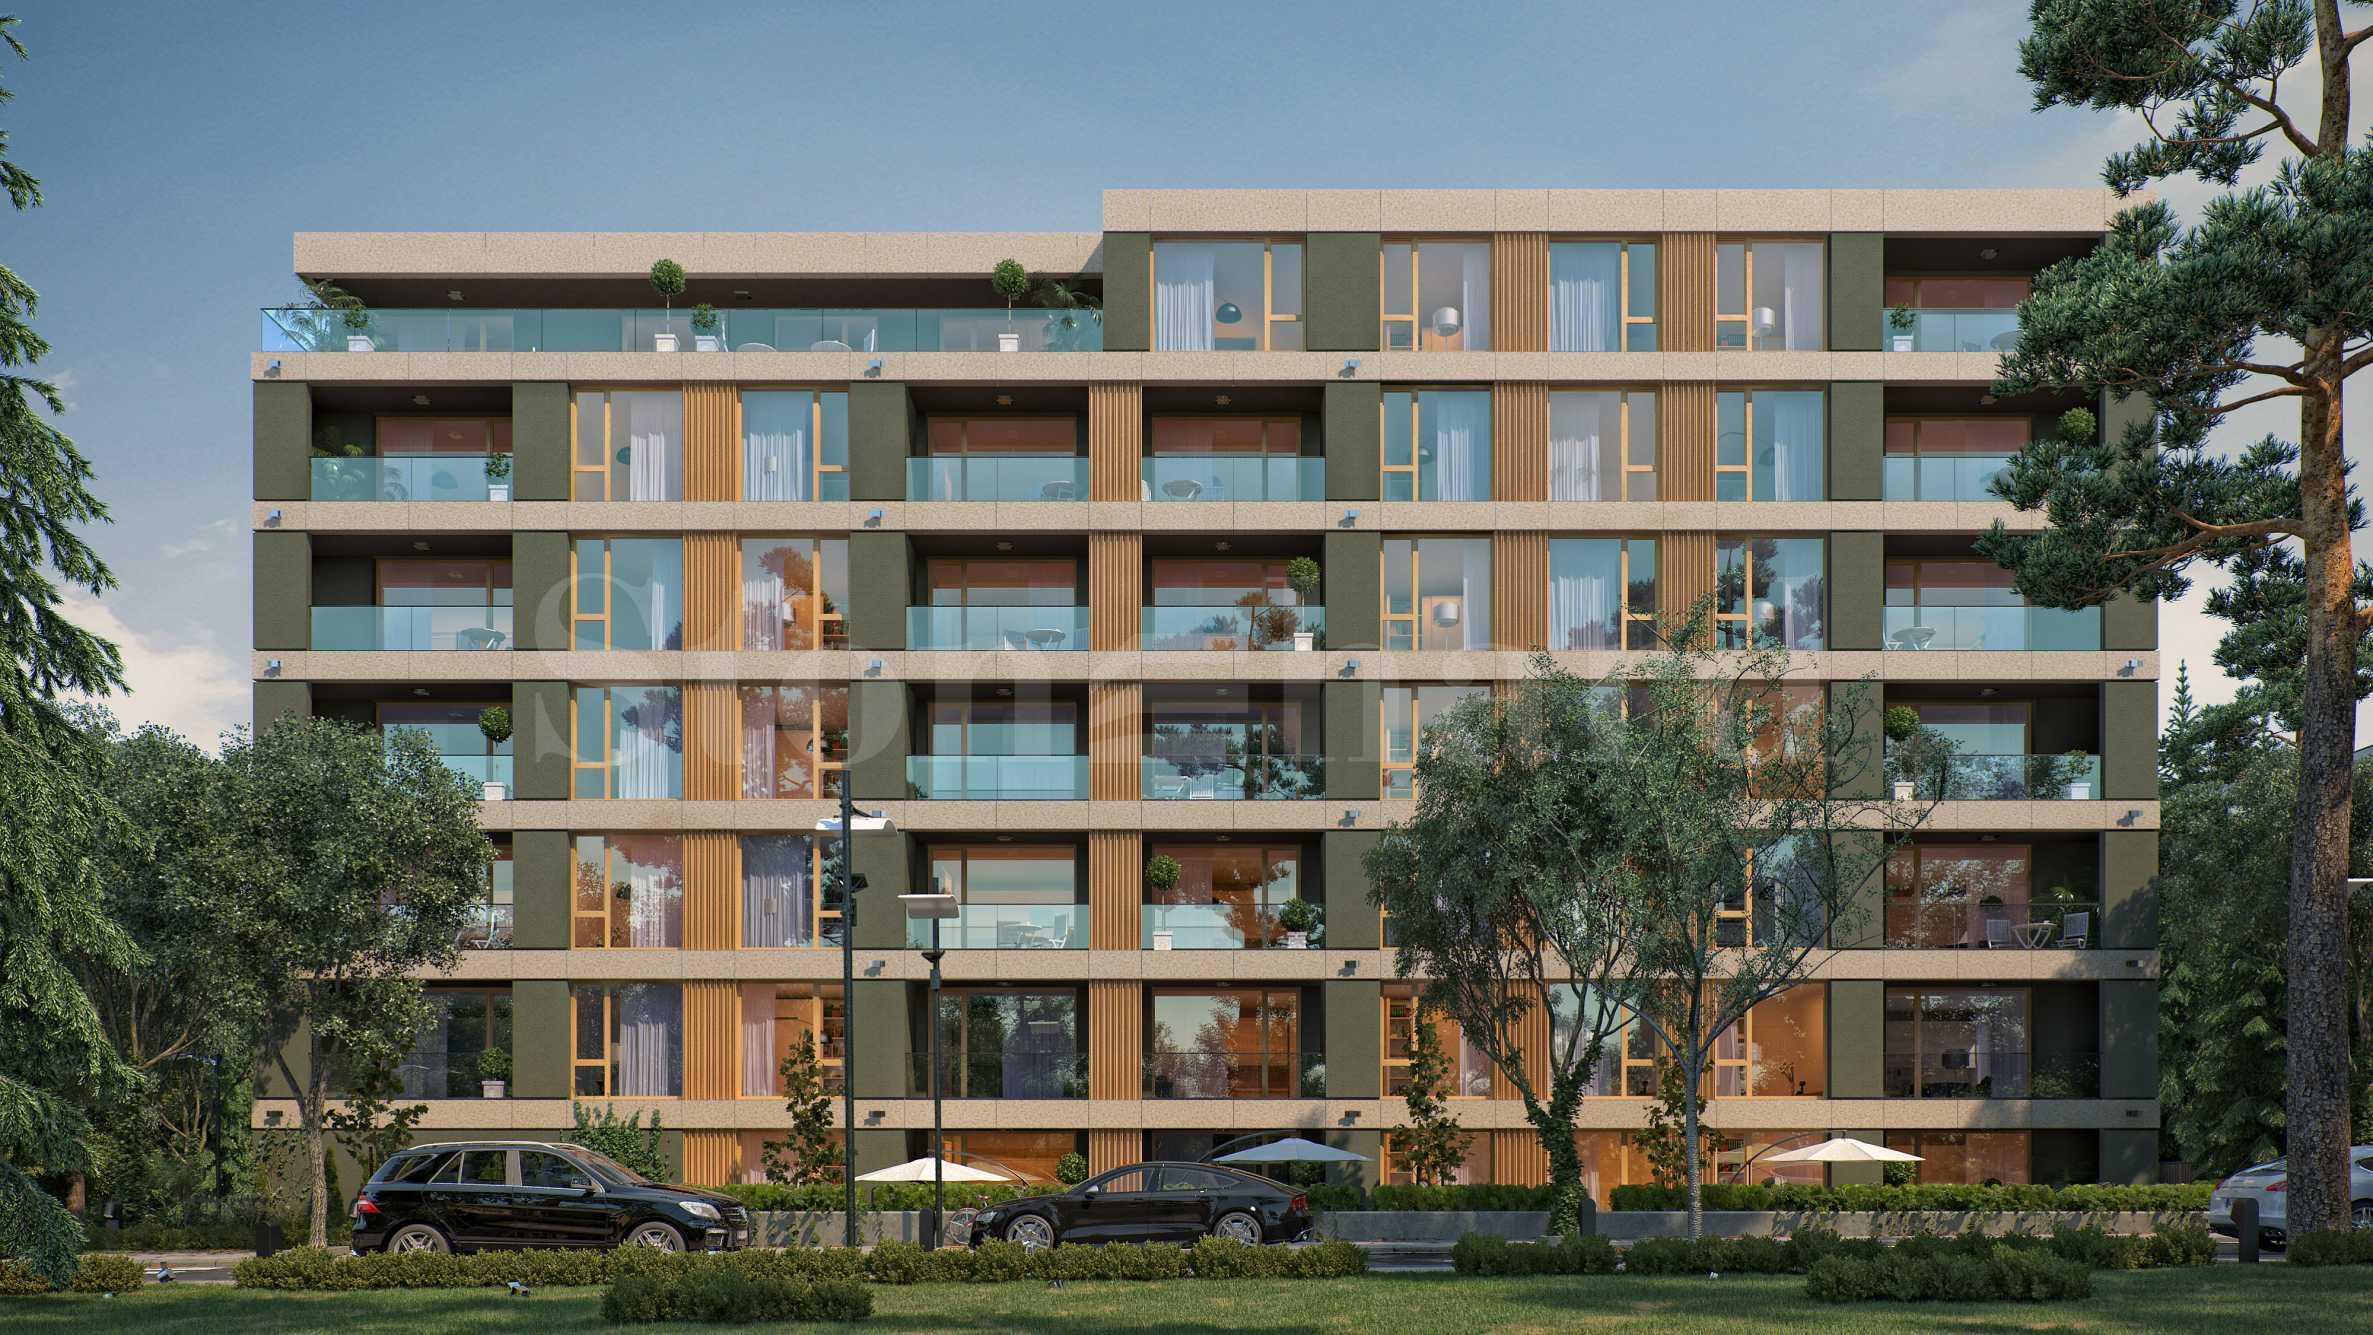 Нова жилищна сграда в комуникативен район до паркове и удобства2 - Stonehard